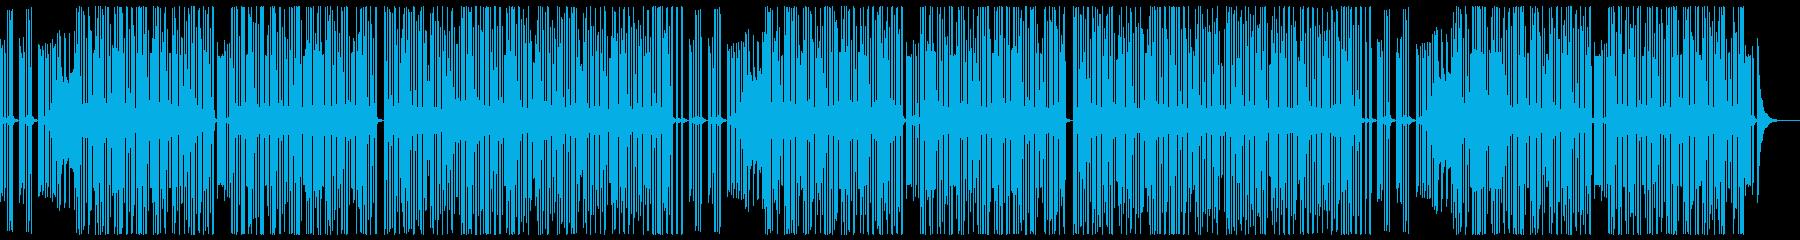 3分クッキングっぽい曲の再生済みの波形